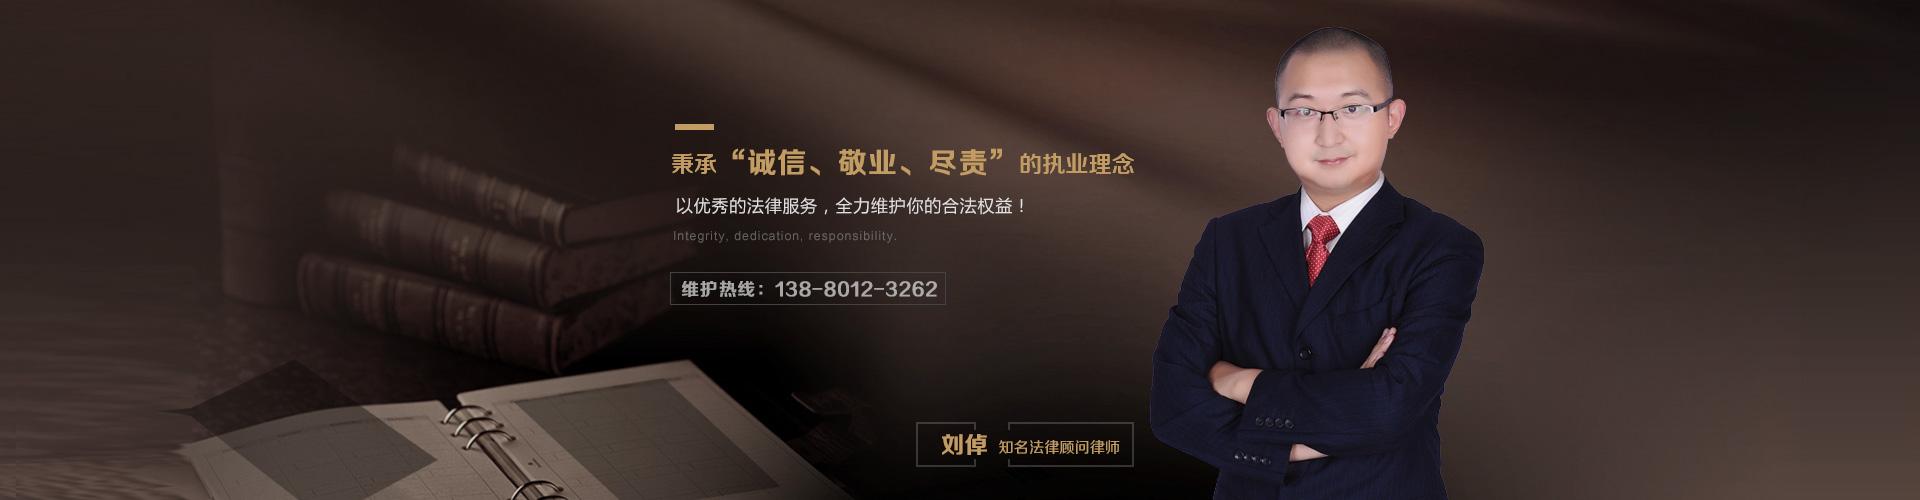 四川刘倬律师